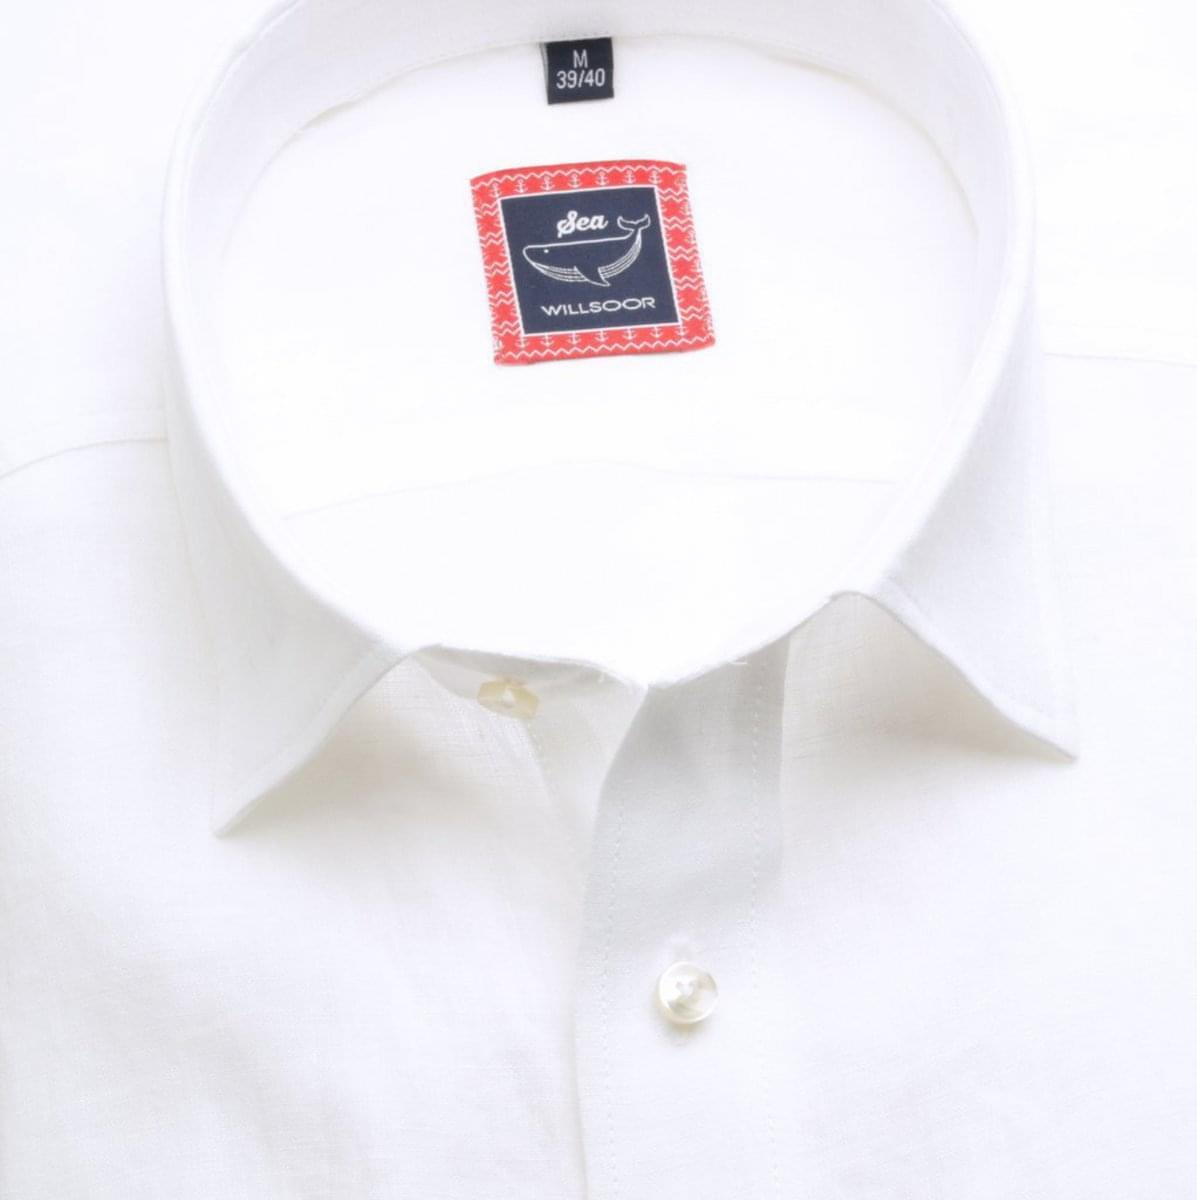 Pánská slim fit košile (výška 176-182) 6669 v bílé barvě 176-182 / XL (43/44)